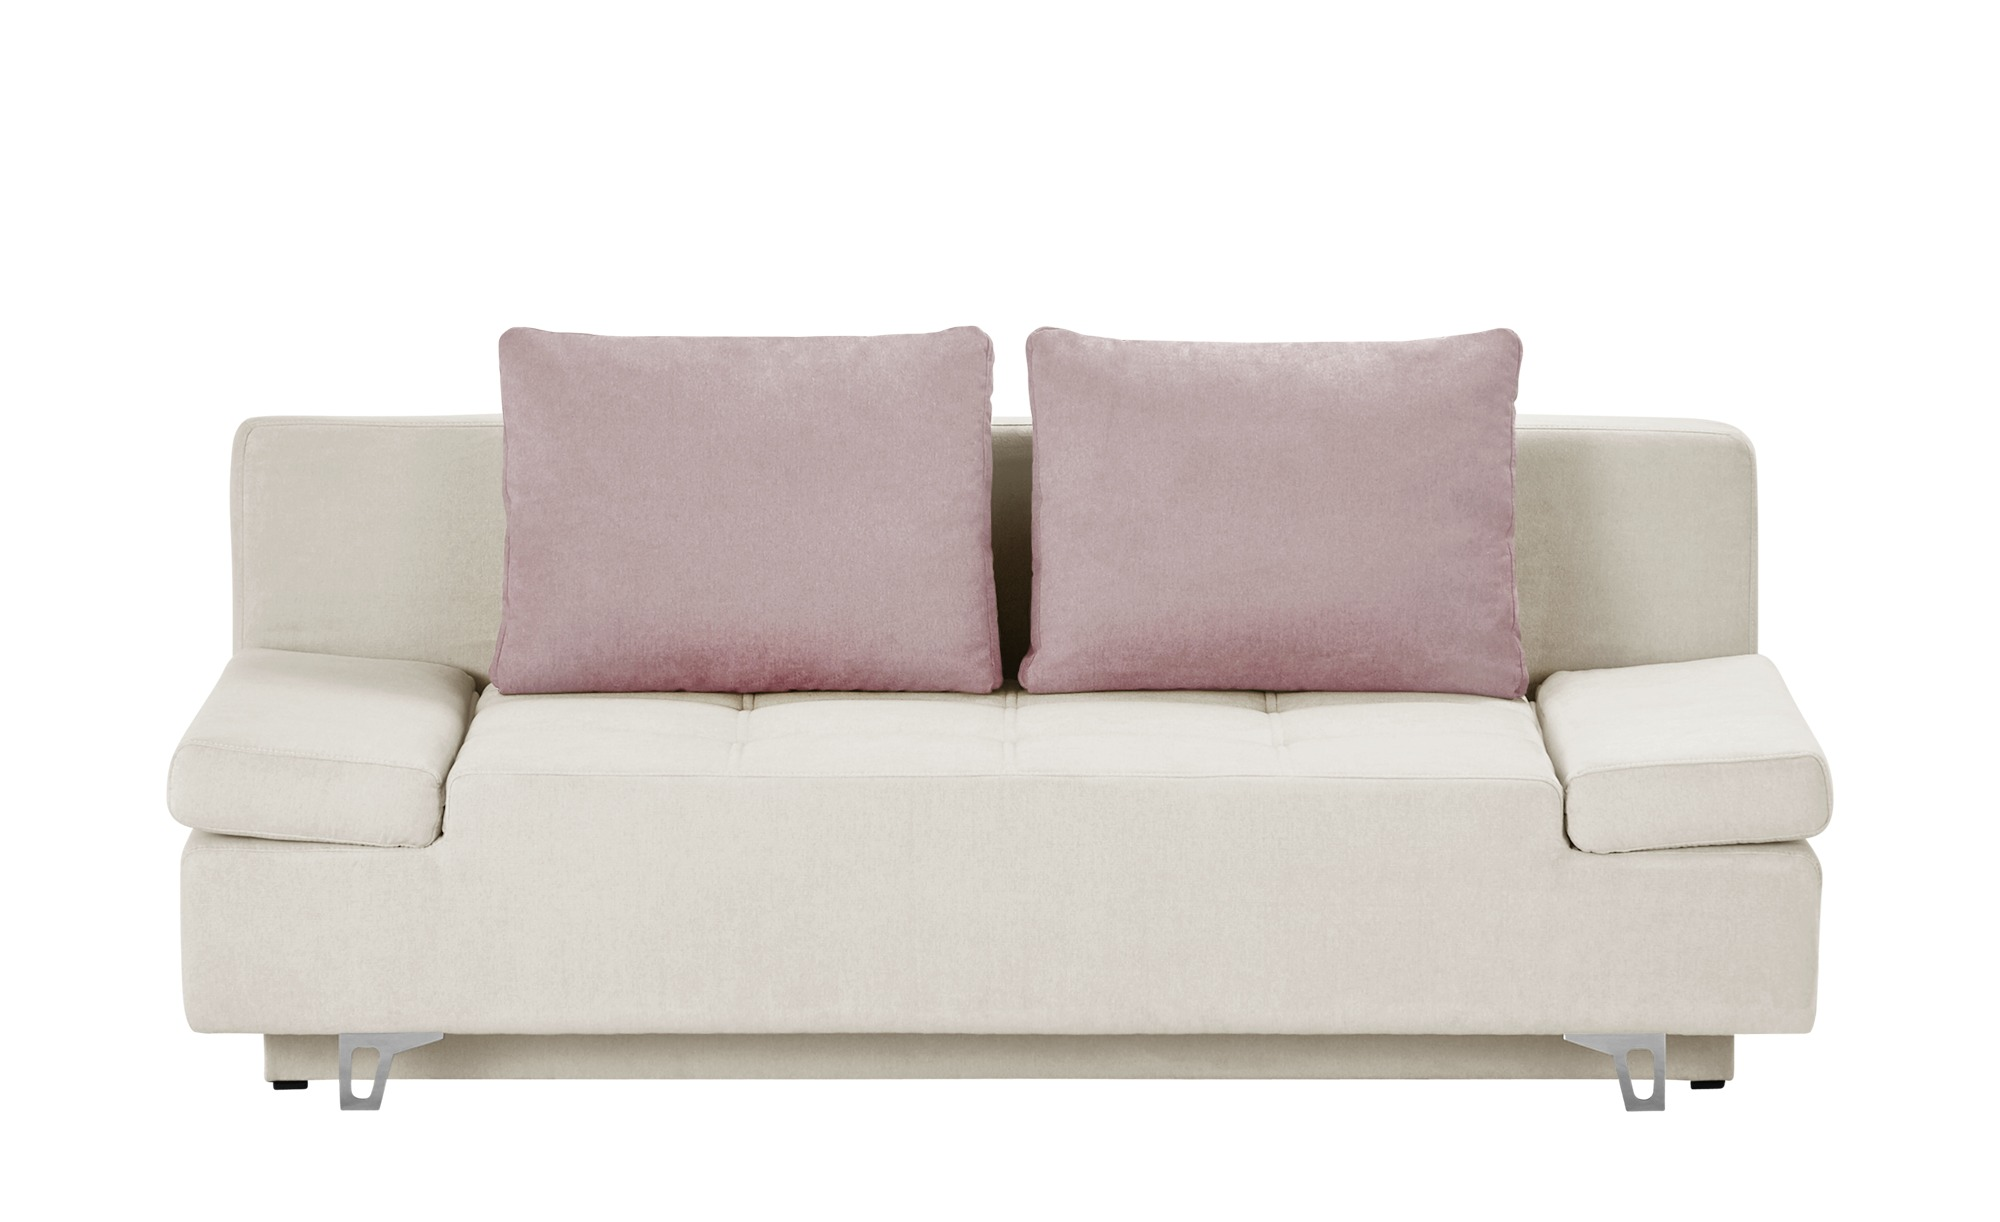 smart schlafsofa patriece breite 200 cm h he 90 cm wei online kaufen bei woonio. Black Bedroom Furniture Sets. Home Design Ideas